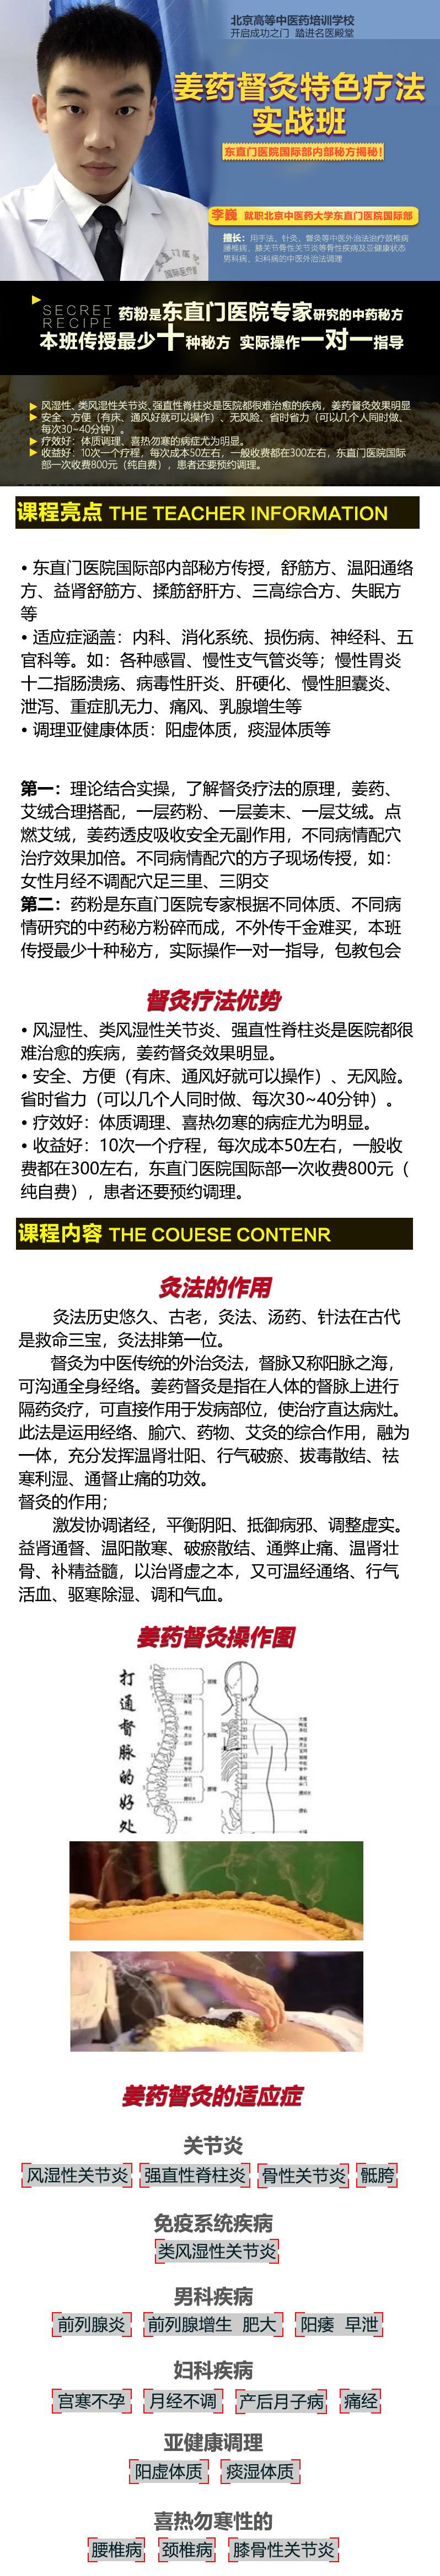 2018-5姜药督灸特色疗法实战班简介.jpg